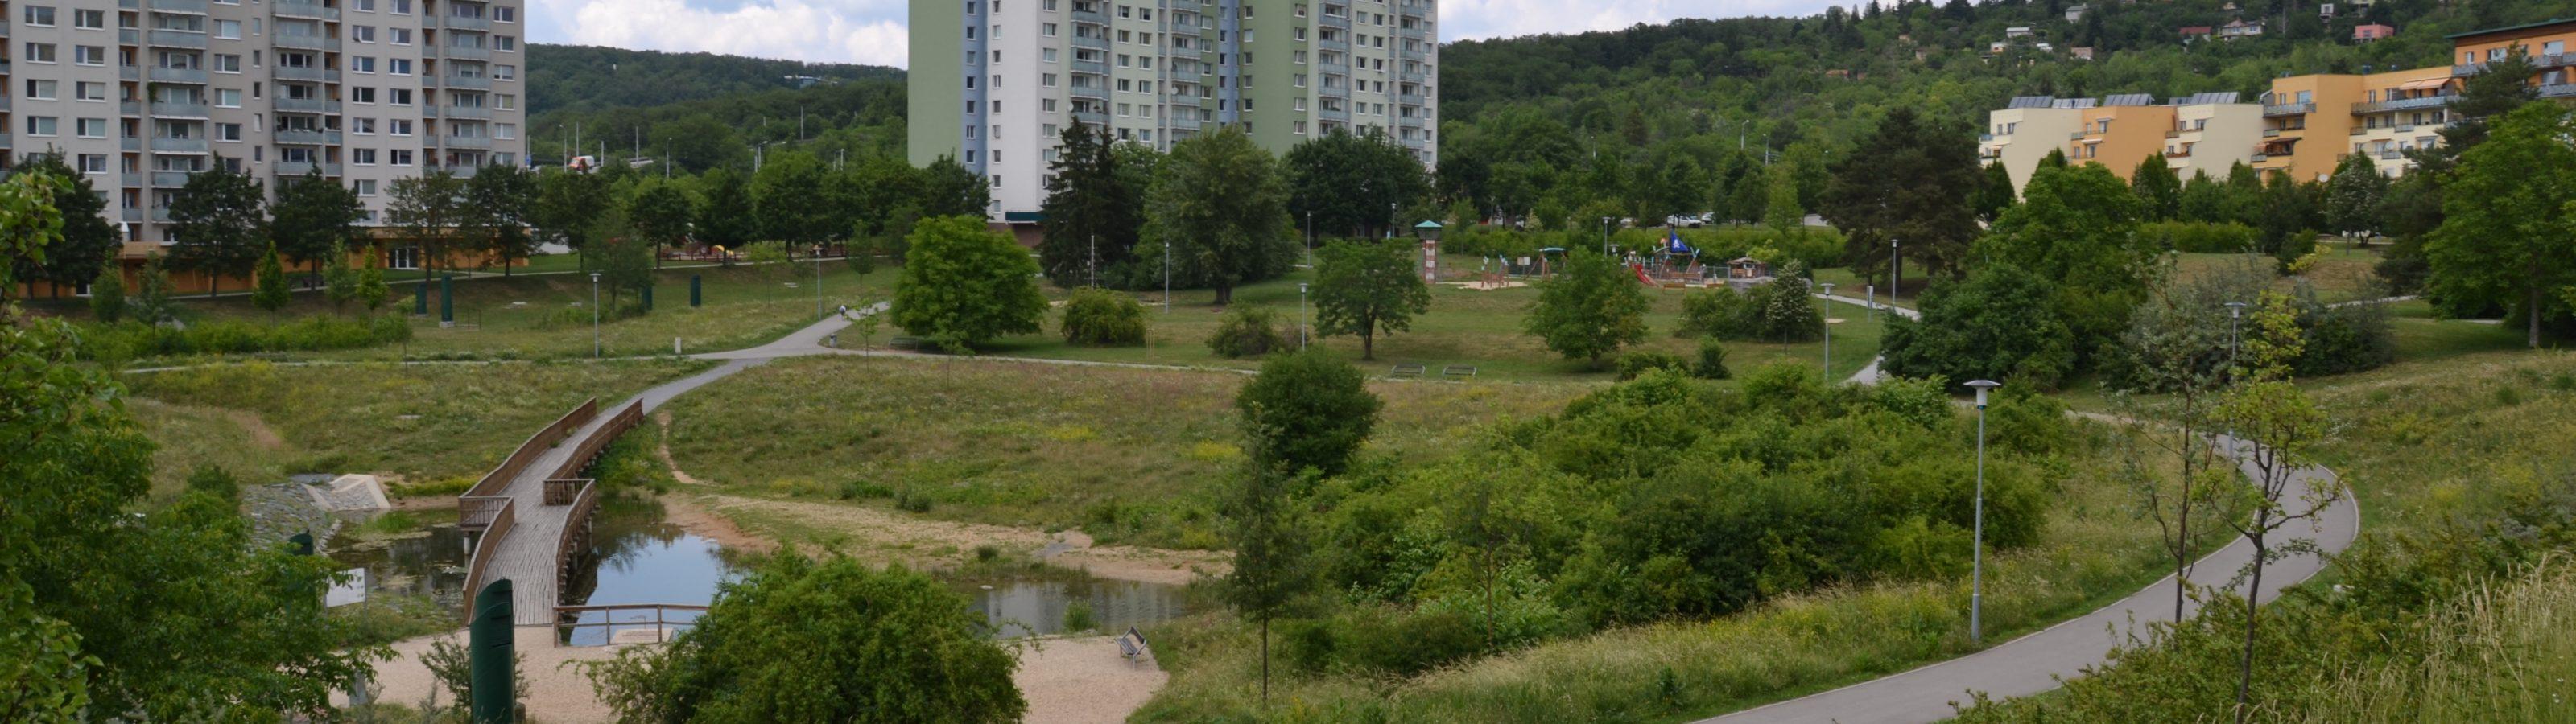 brno-zelen